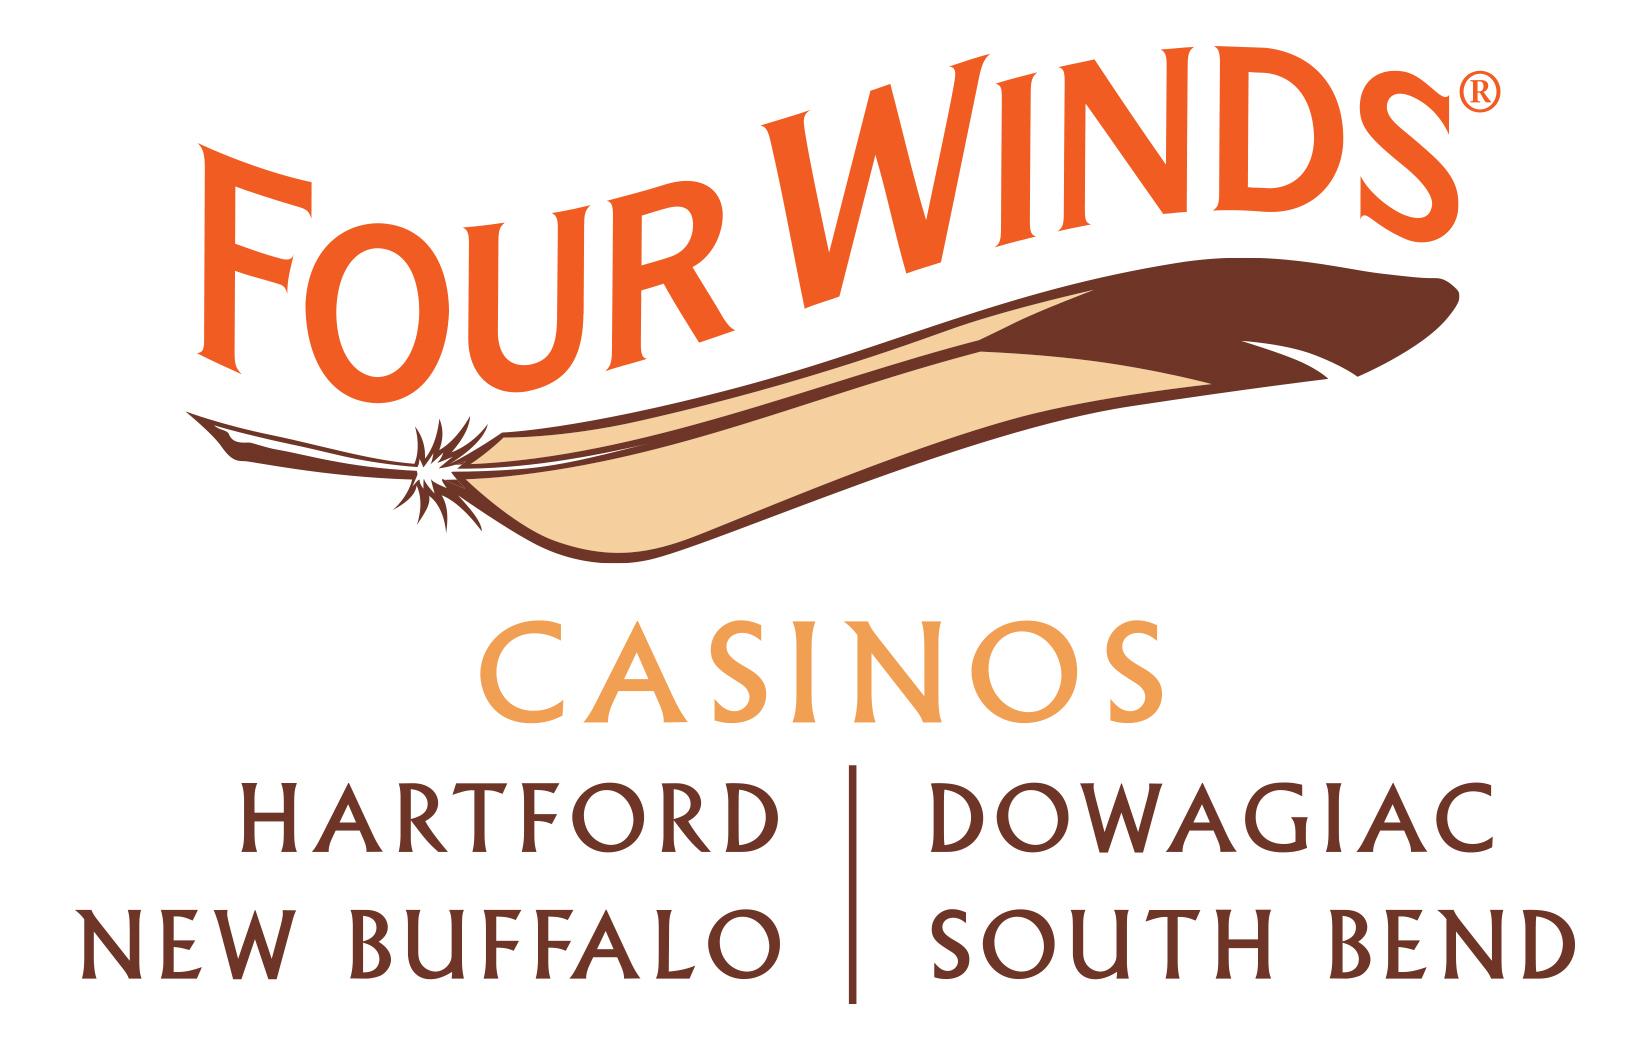 FWCR_DWC_HFD_NB_SB_CASINOS-Logo_FInal